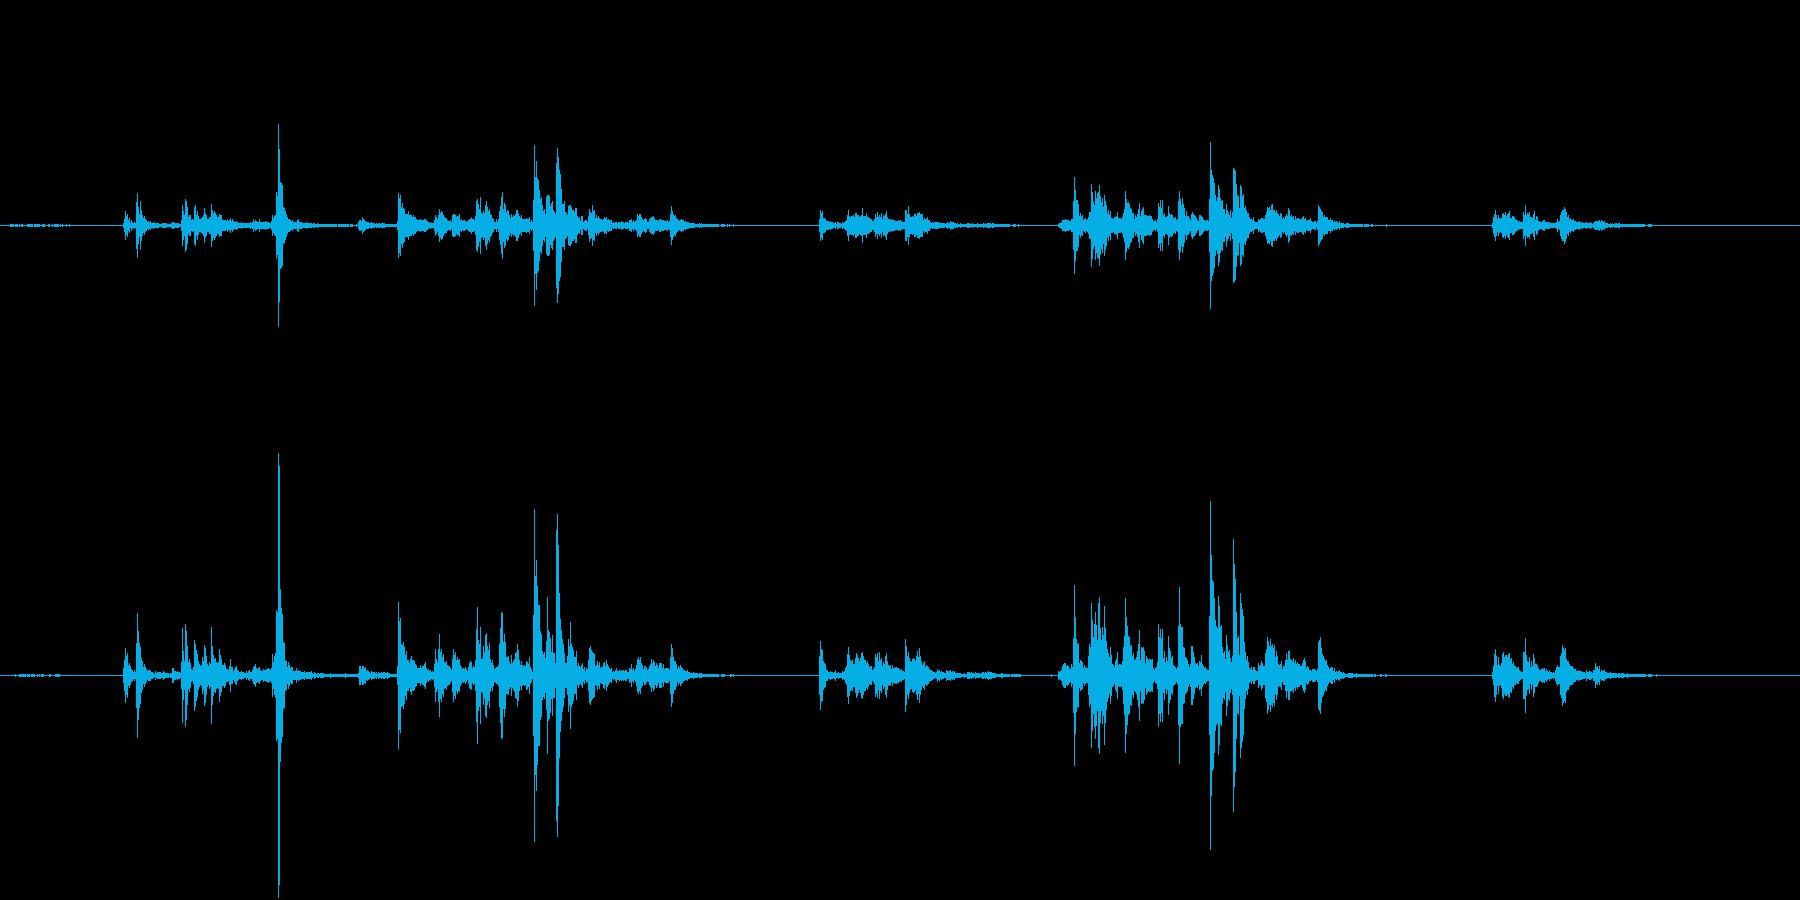 【生録音】自動販売機に小銭を入れる音の再生済みの波形